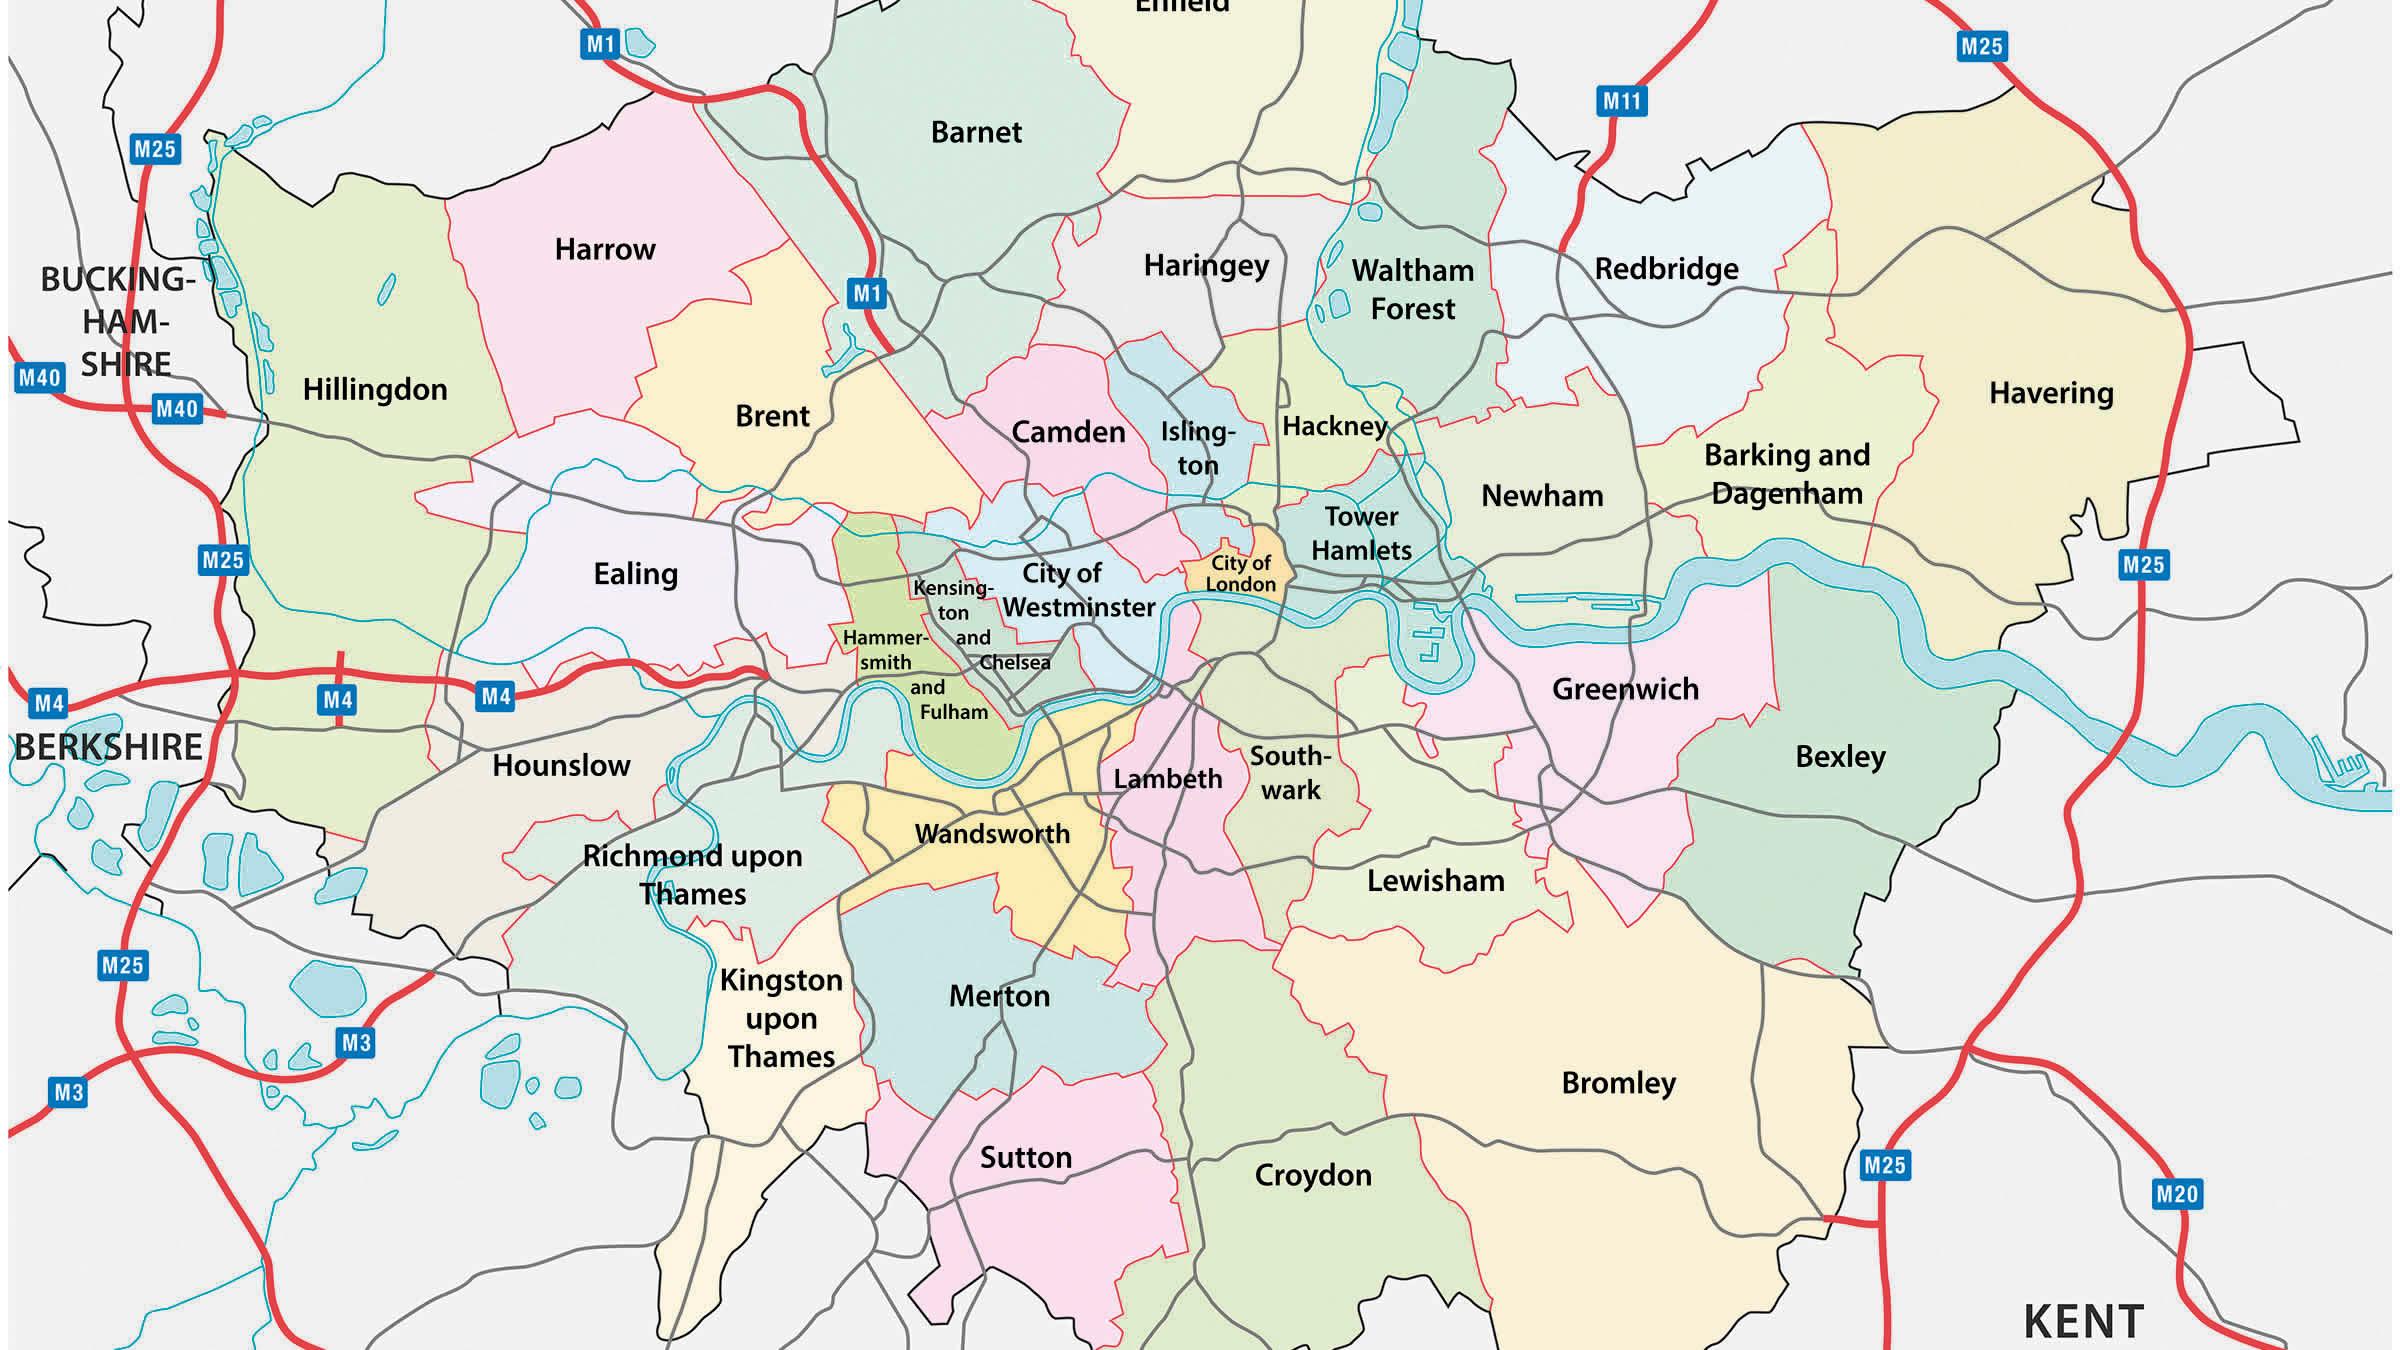 Zone Di Londra Cartina.Mappa Di I Quartieri Di Londra